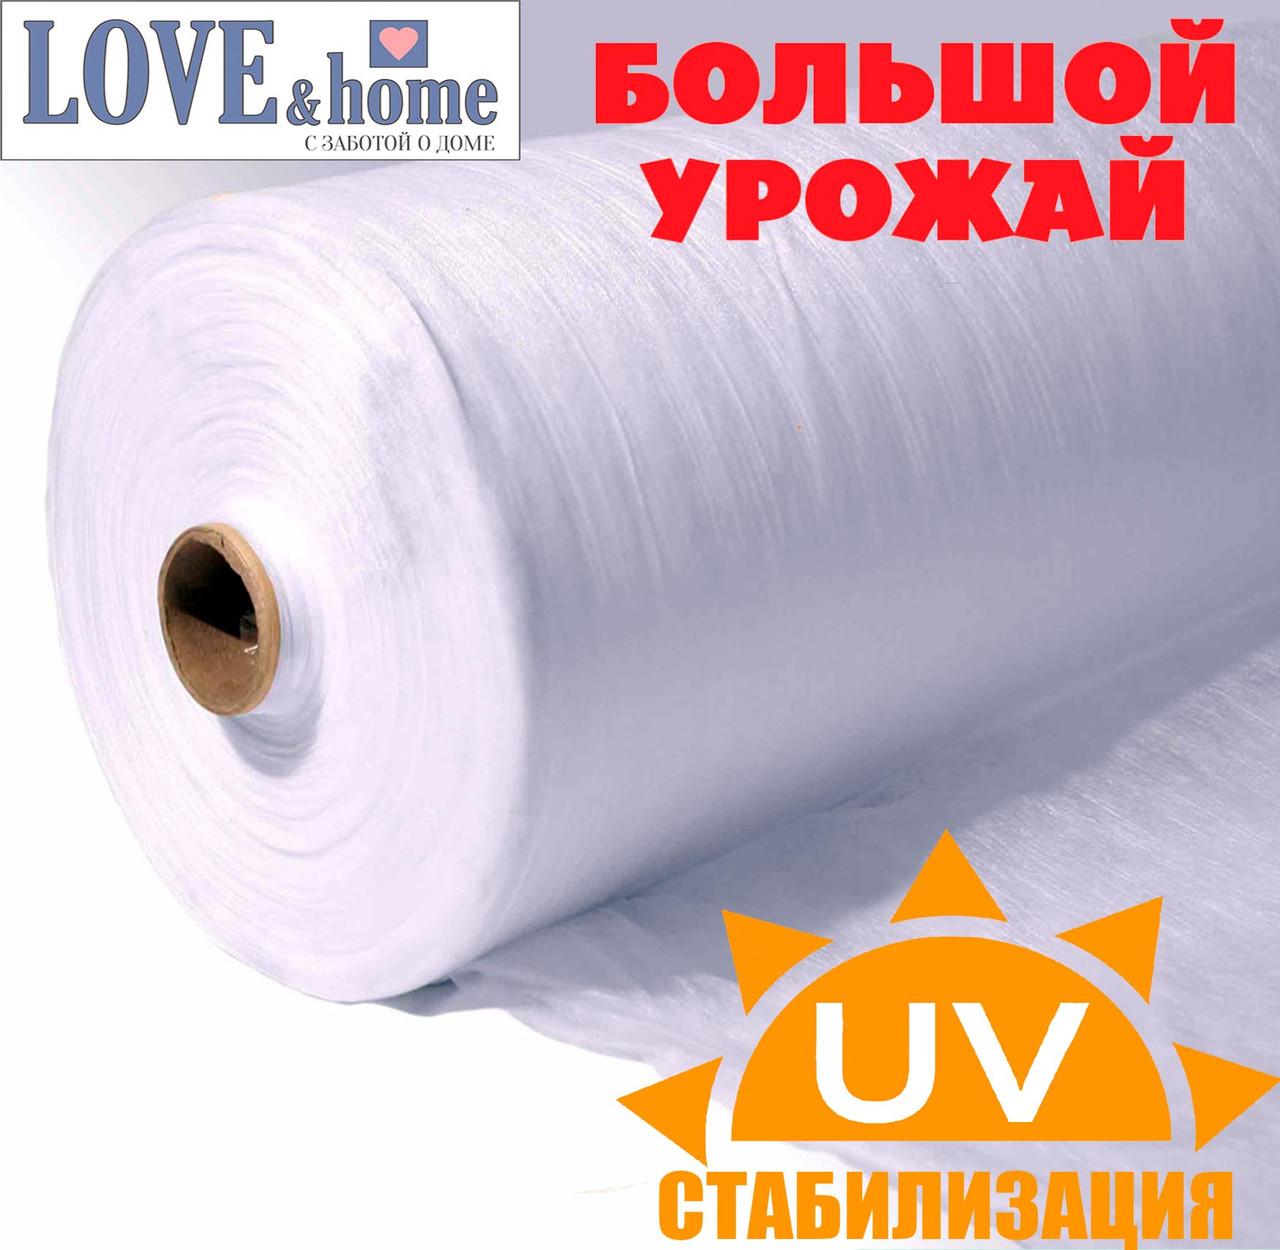 Агроволокно белое, плотность 30г/м². ширина 9.6 м. длинна 100м.